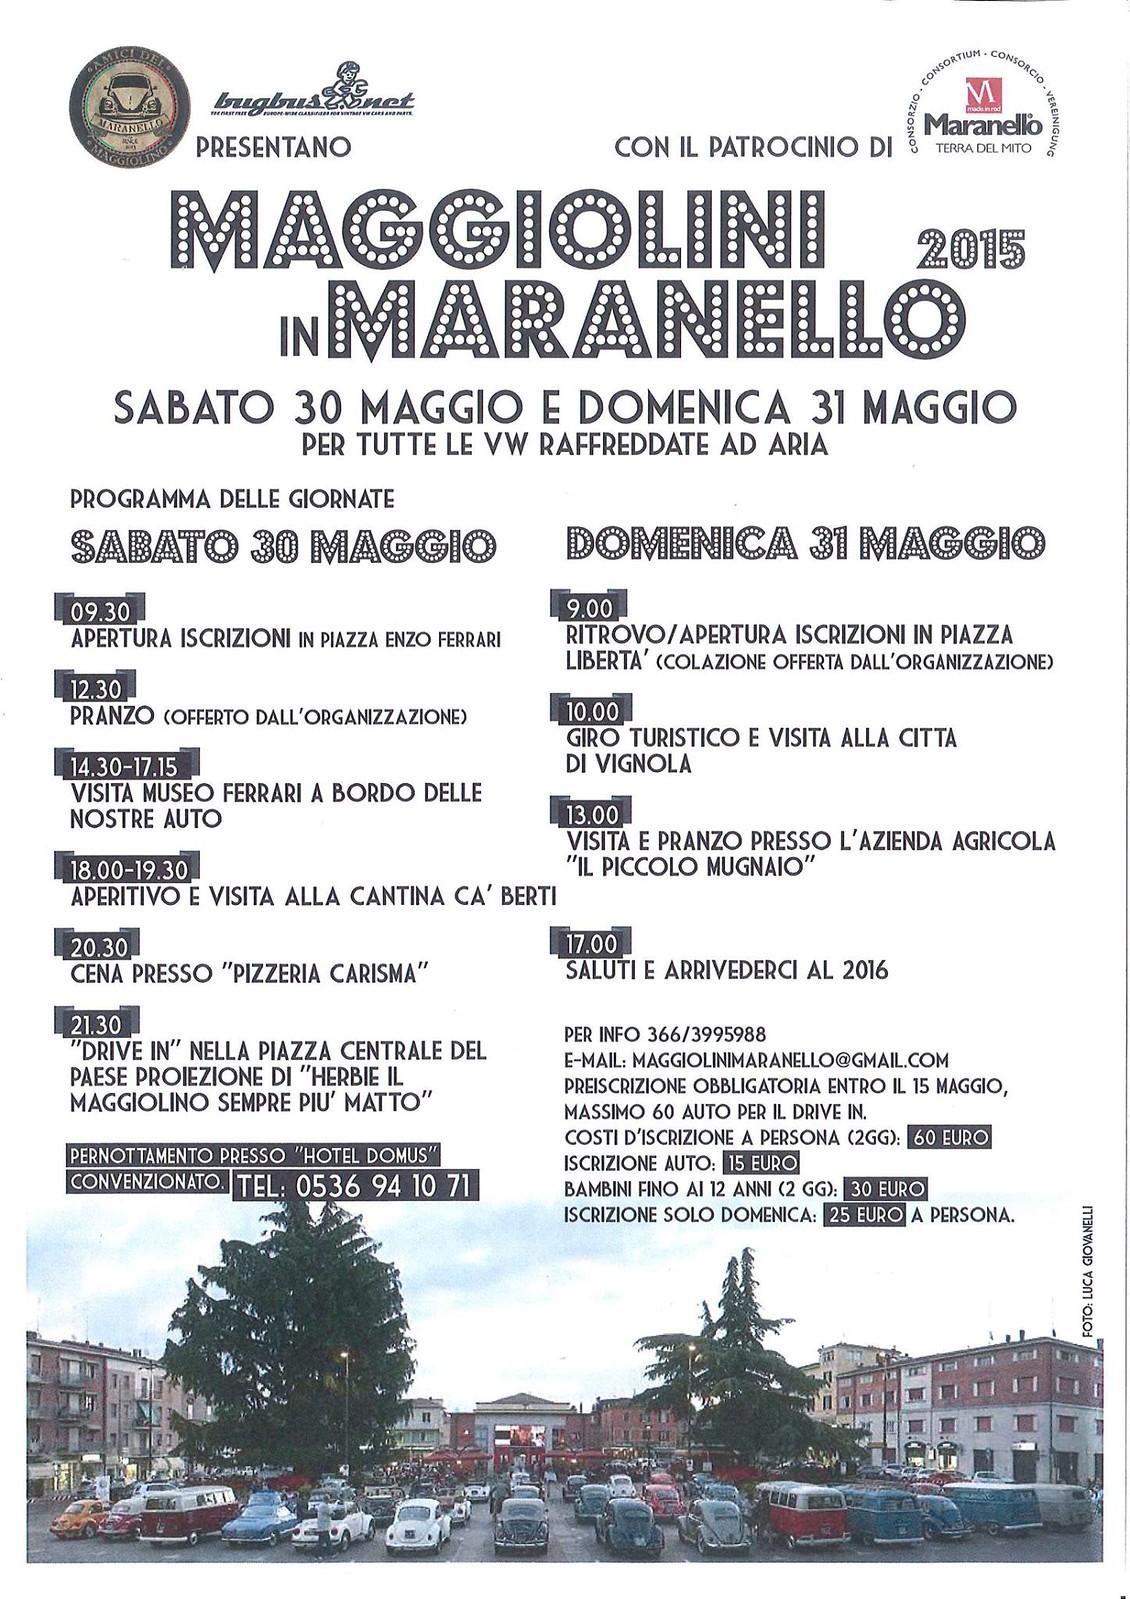 Maggiolini in Maranello